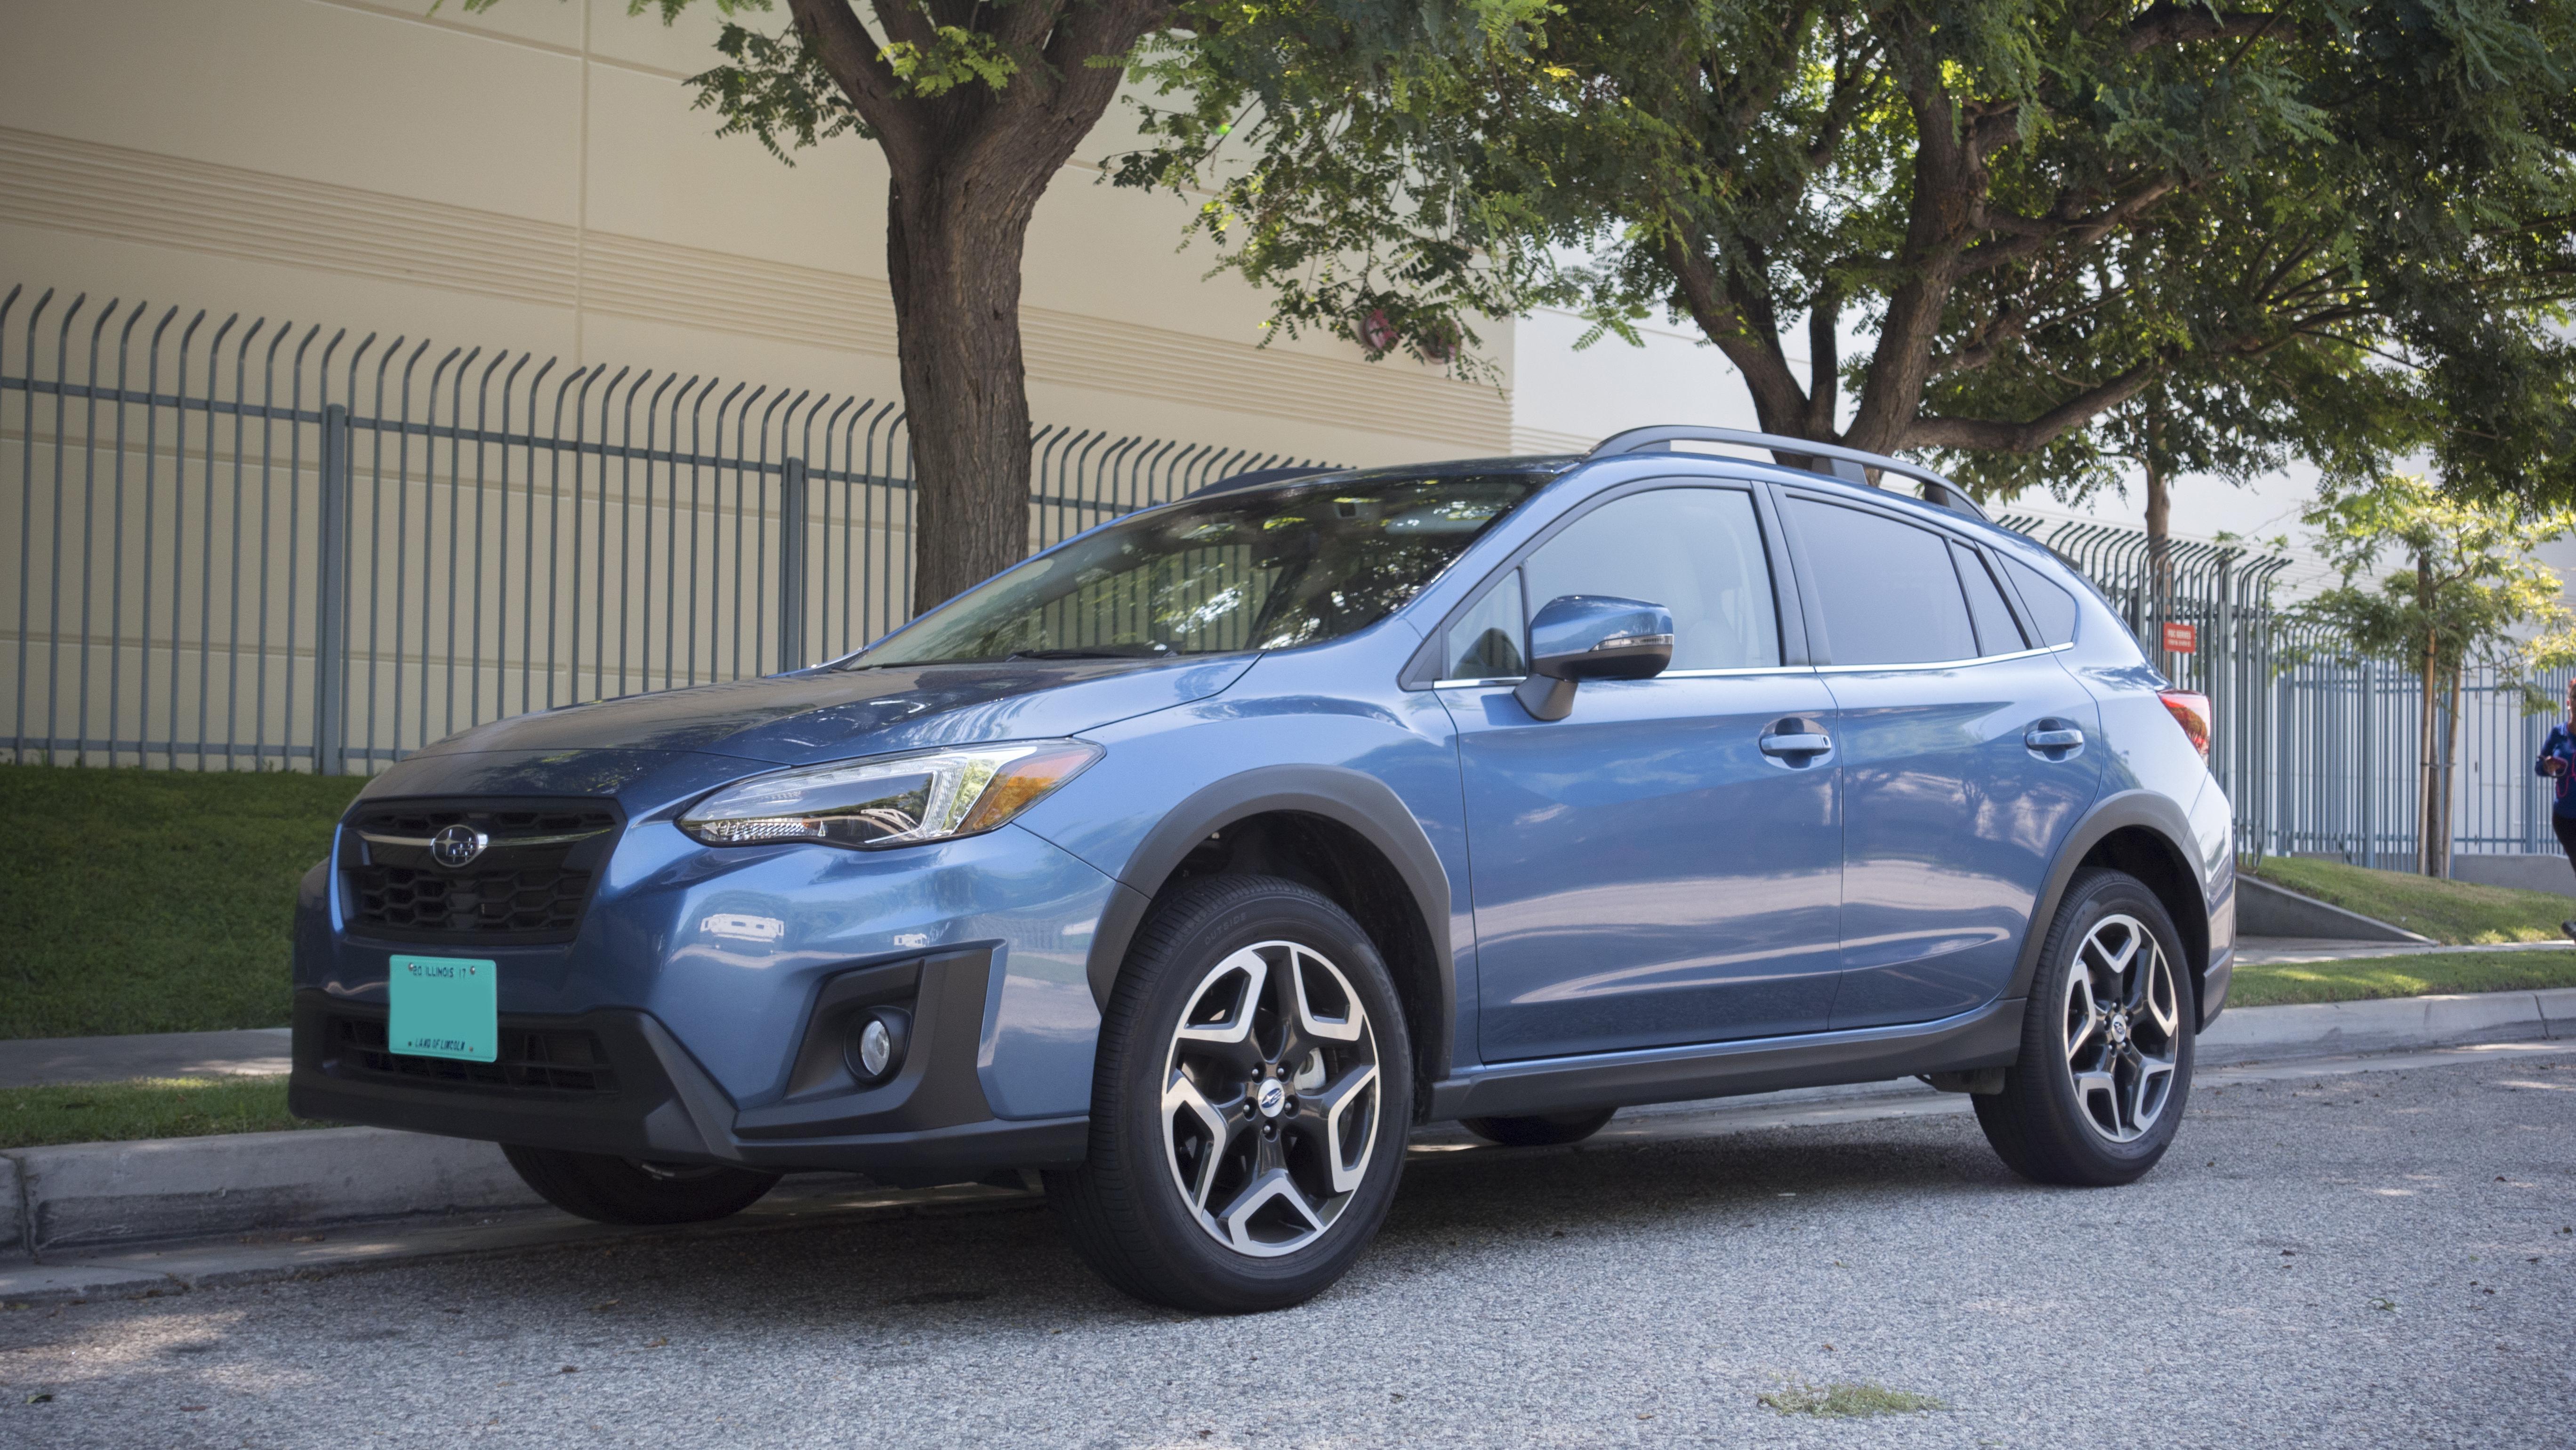 Subaru's 2018 Crosstrek